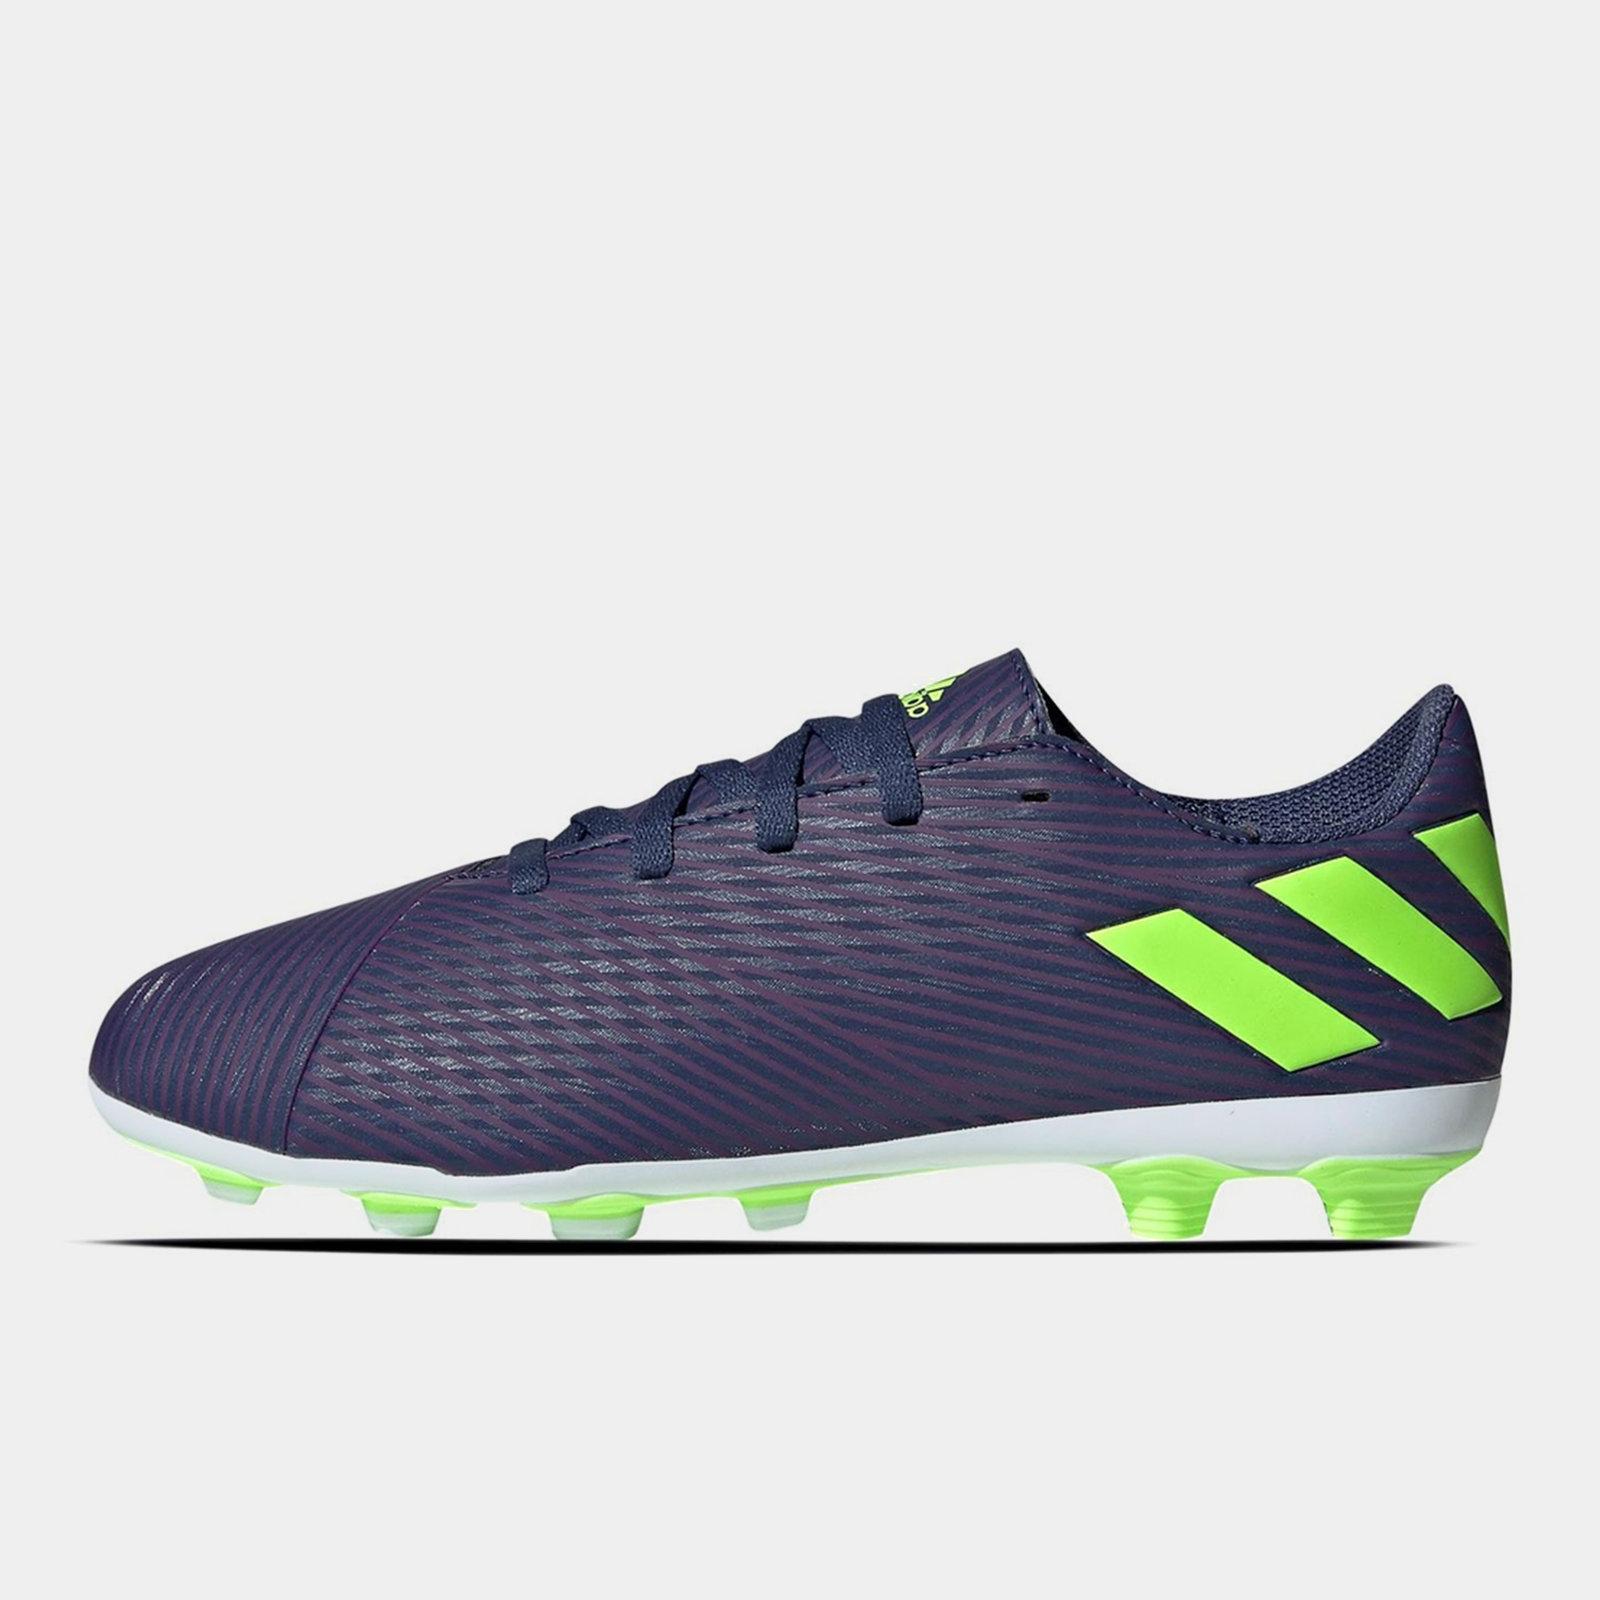 Nemeziz Messi 19.4 Childrens FG Football Boots